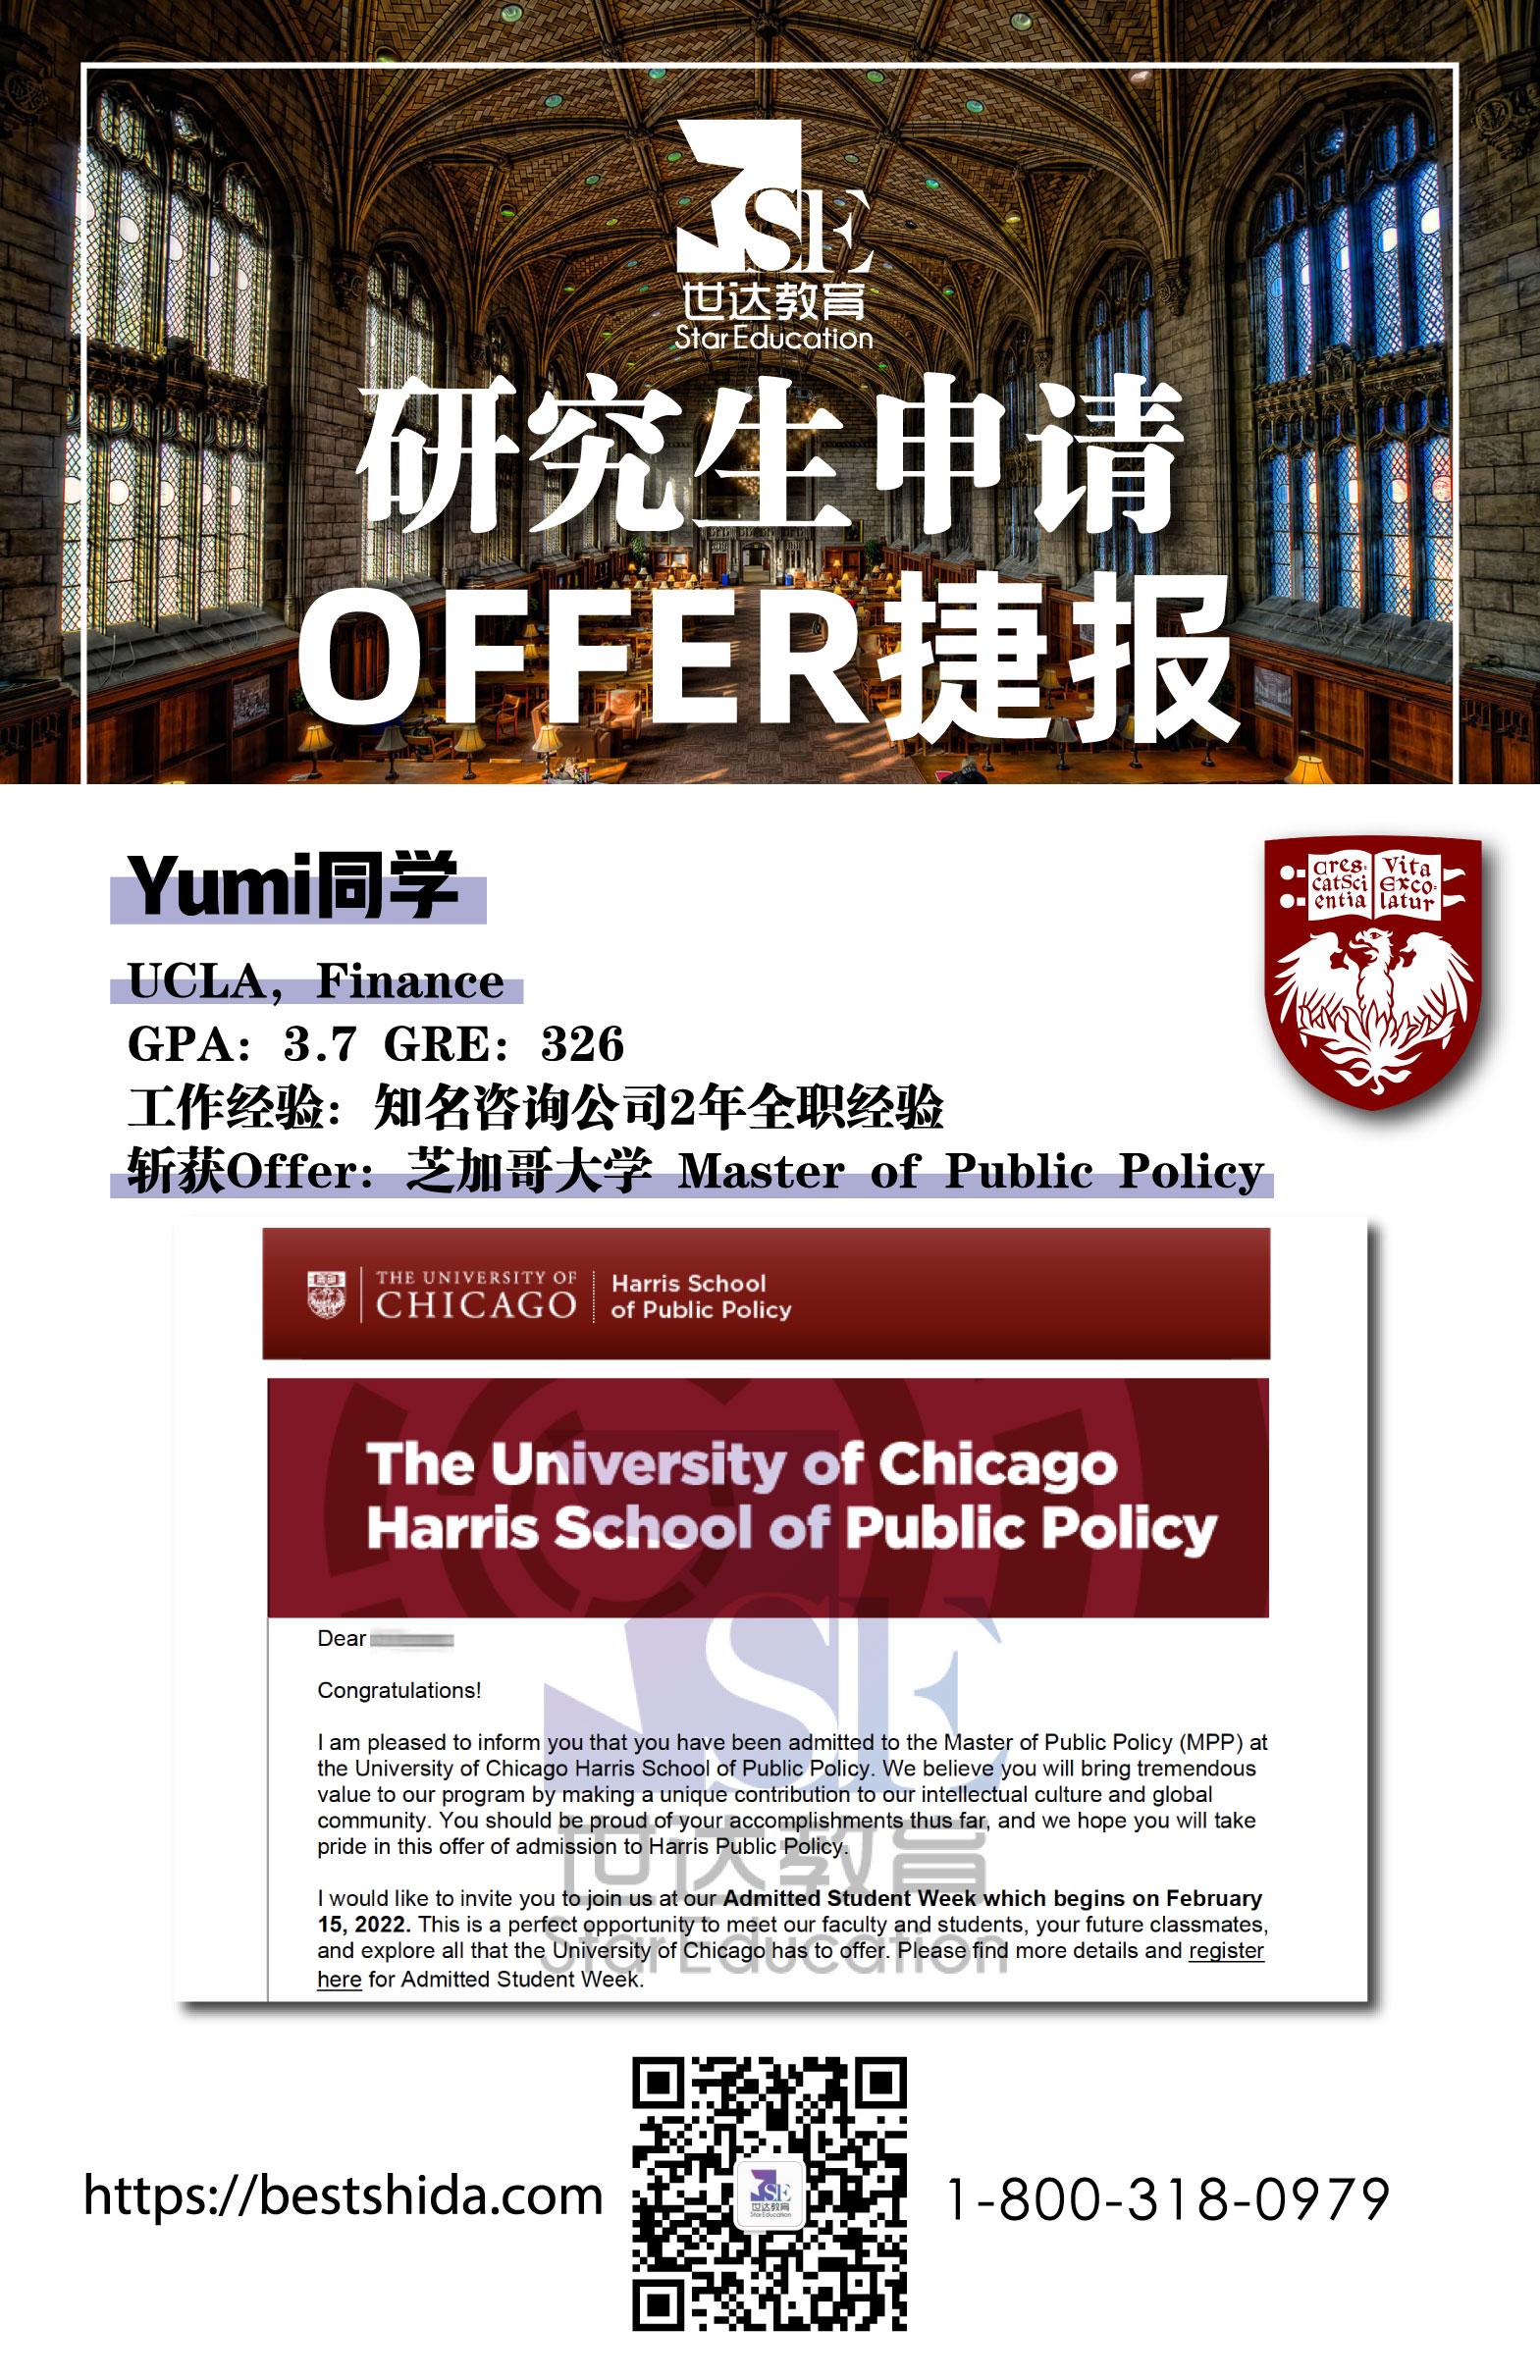 美国芝加哥大学研究生offer - 成功案例